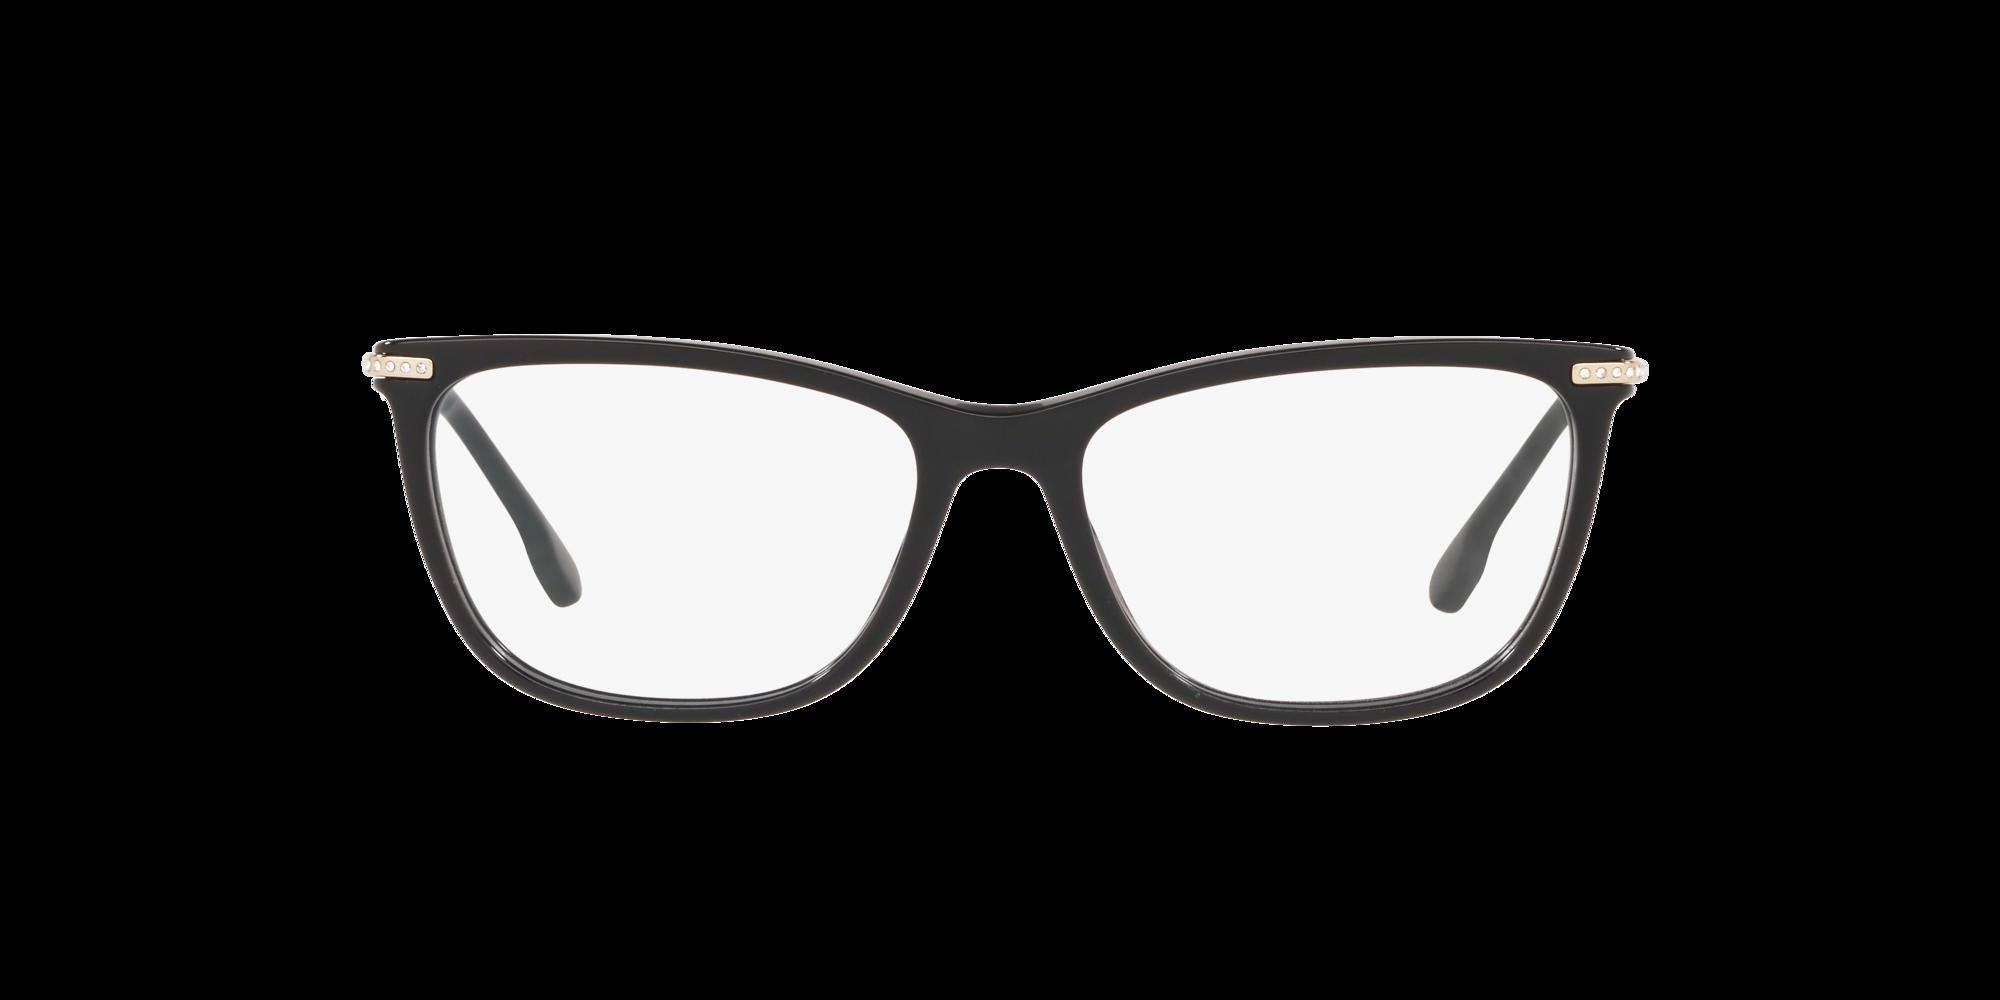 Imagen para VE3274B de LensCrafters |  Espejuelos, espejuelos graduados en línea, gafas